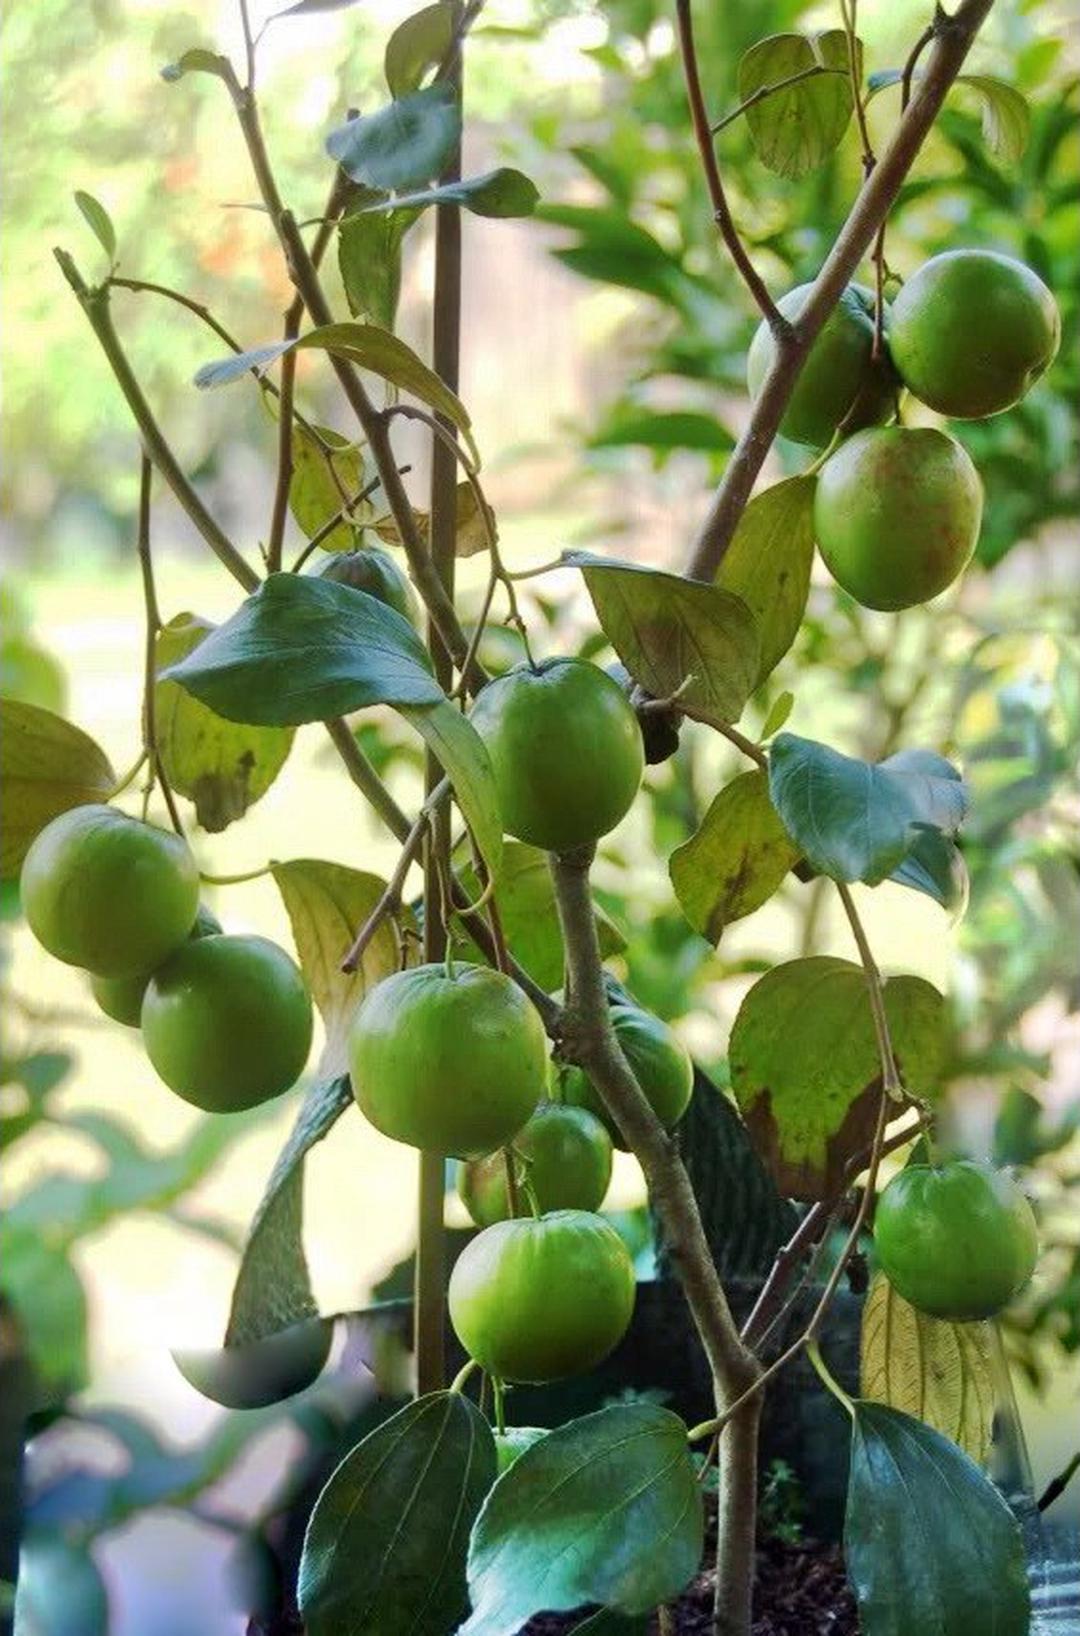 Jaminan Mutu! bibit Tanaman buah Apel India PUTSA super murah Kota Malang #bibit